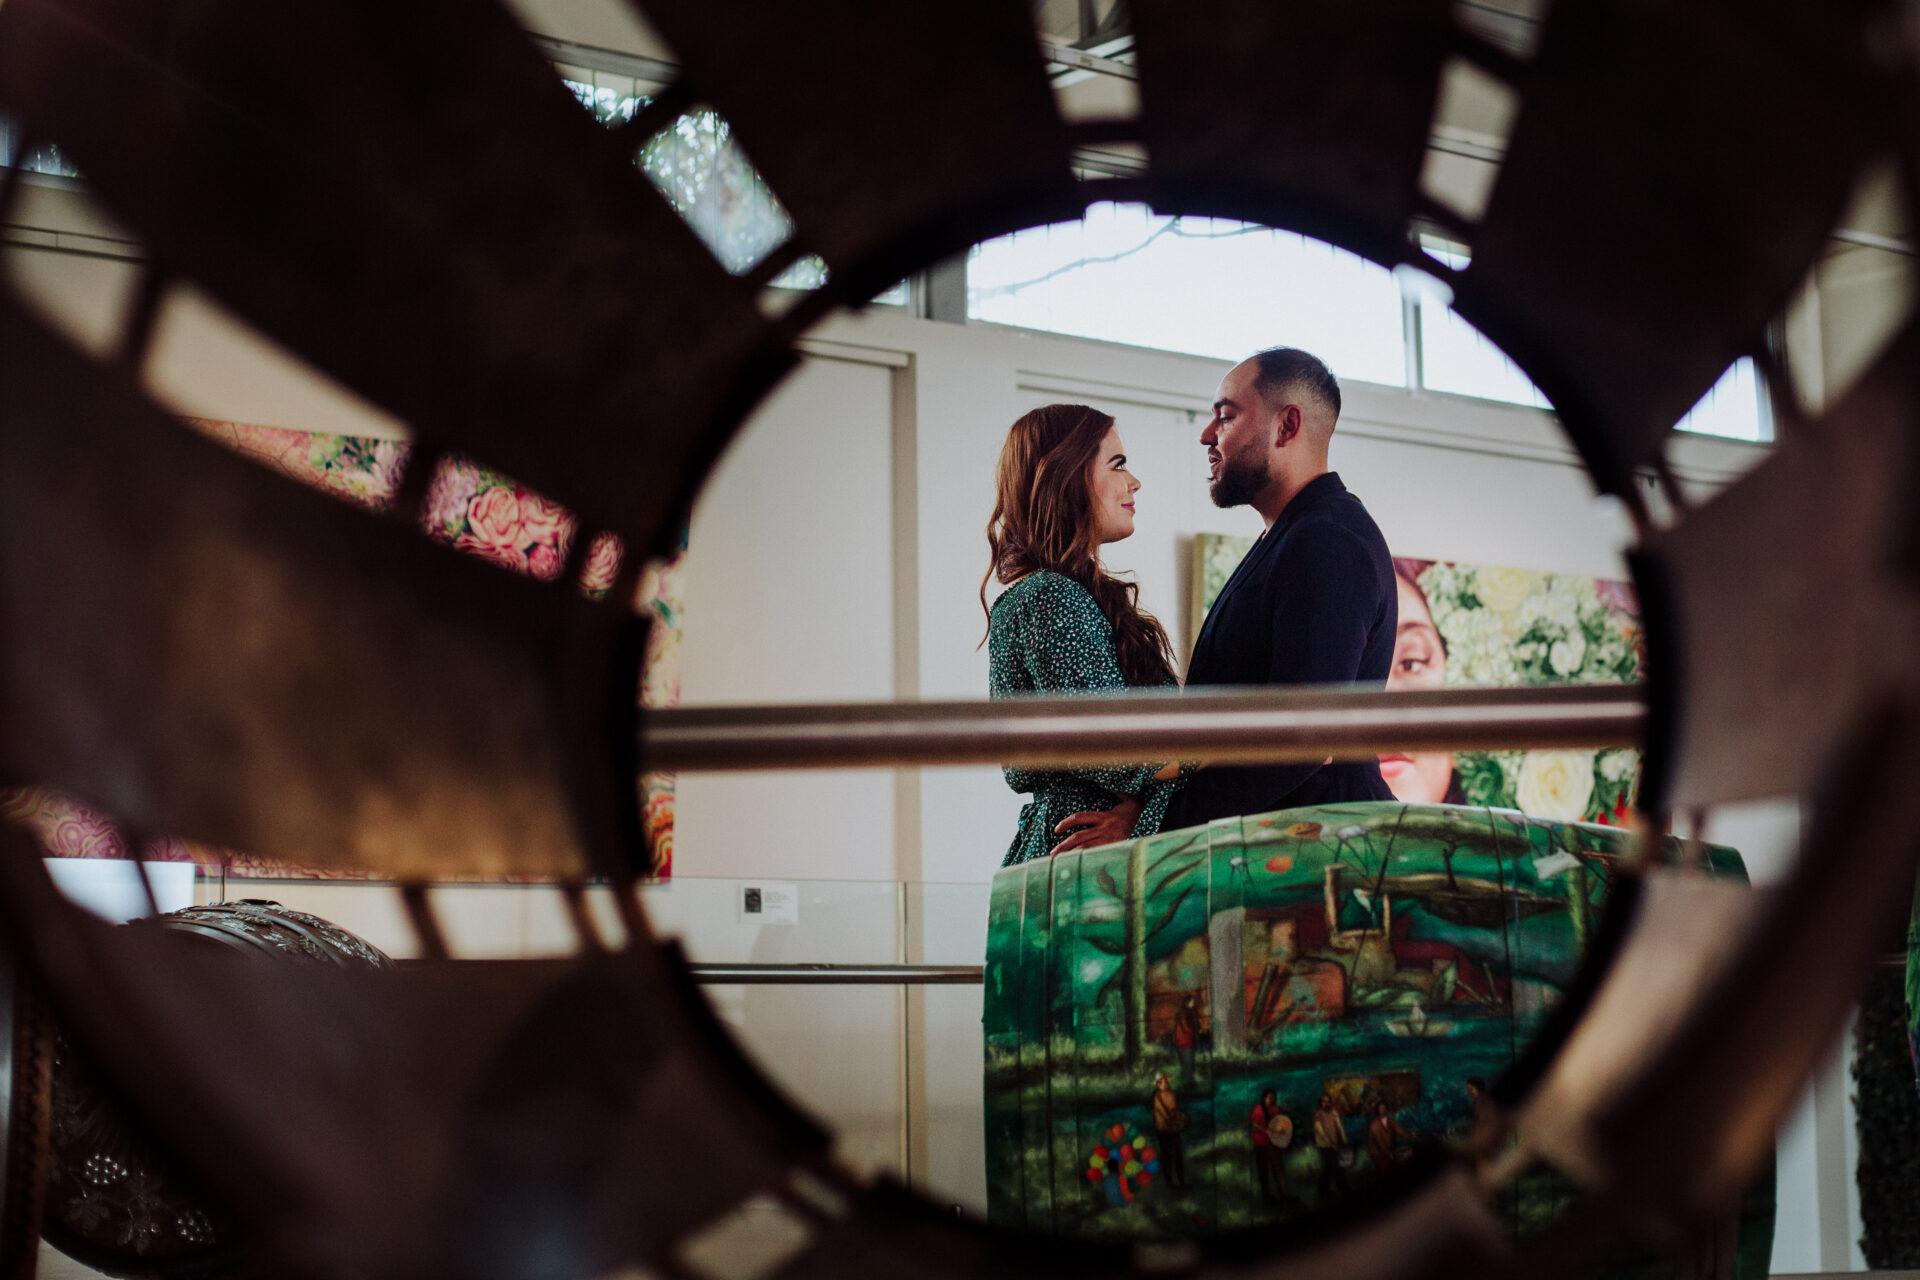 javier_noriega_fotografo_save_the_date_tierra_adentro_zacatecas_wedding_photographer1